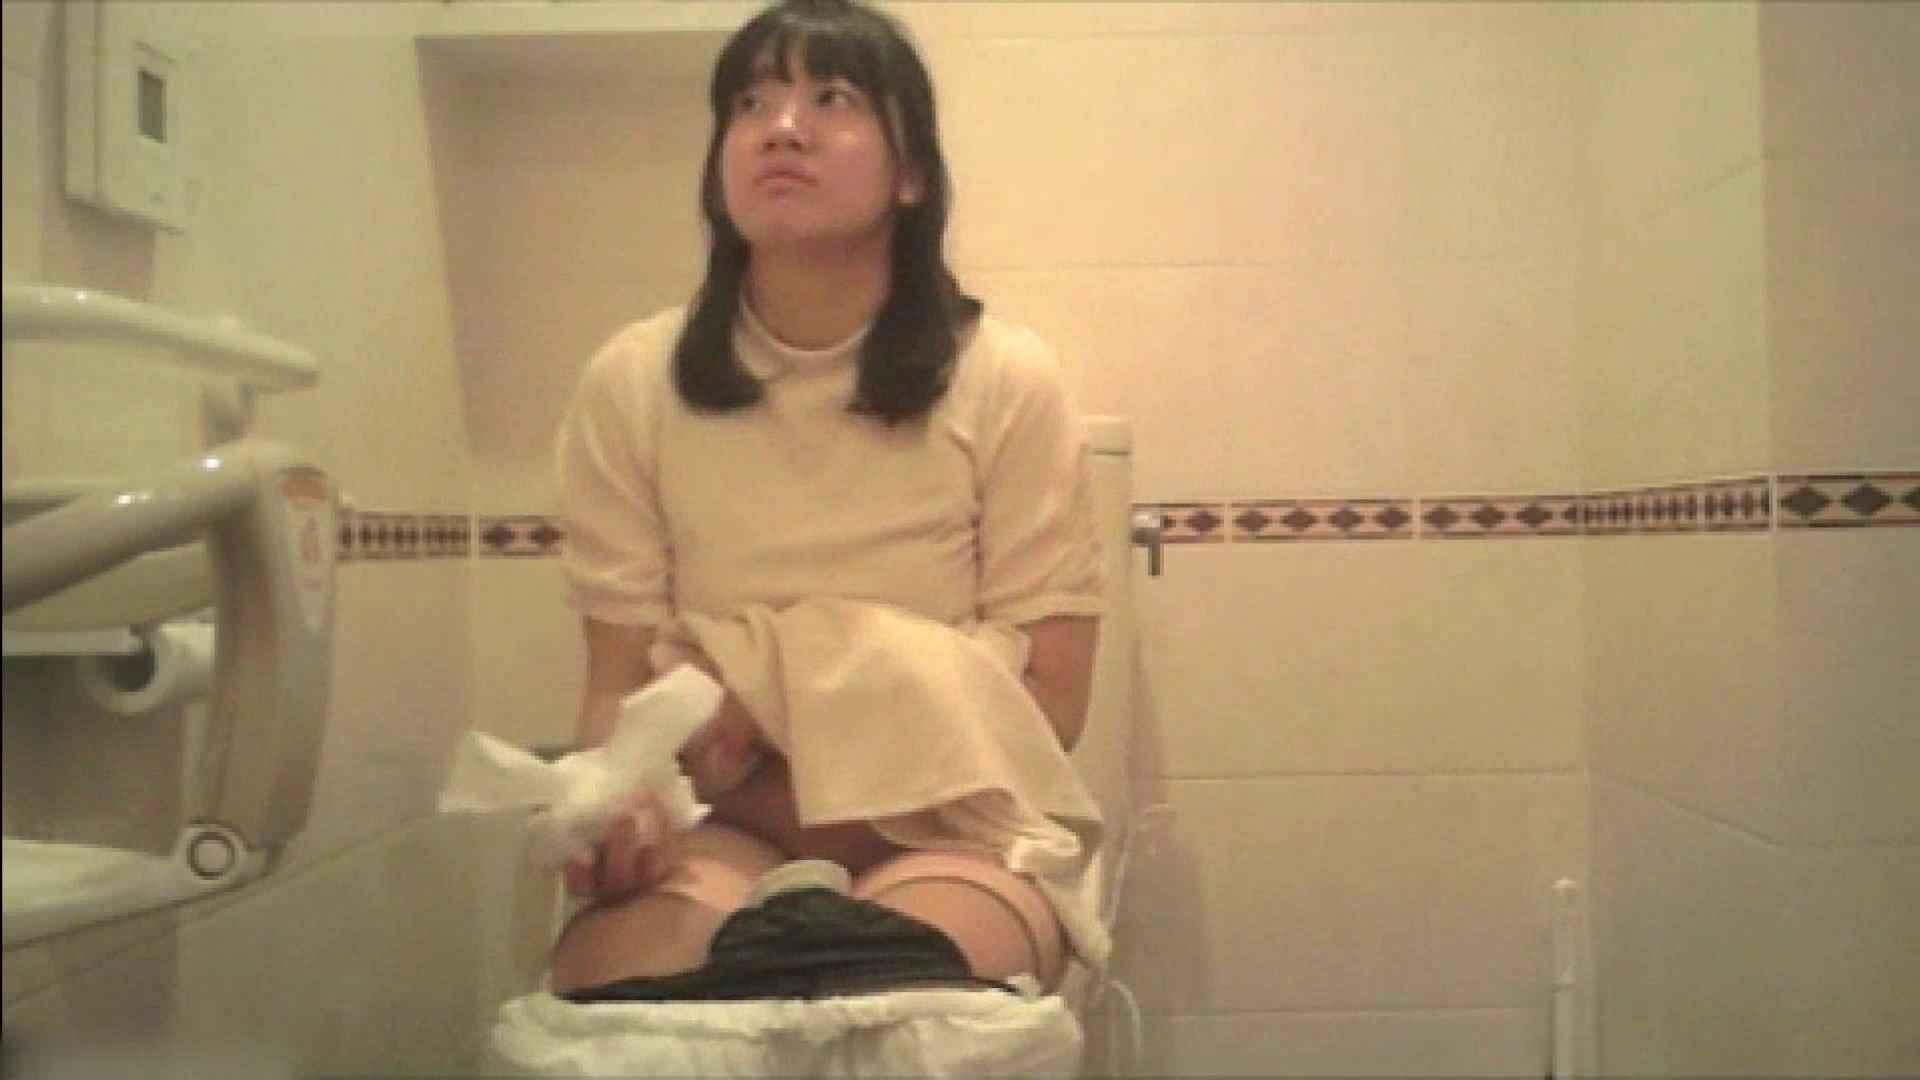 実録!!綺麗なお姉さんのトイレ事情・・・。vol.18 トイレ突入 オメコ無修正動画無料 74pic 23